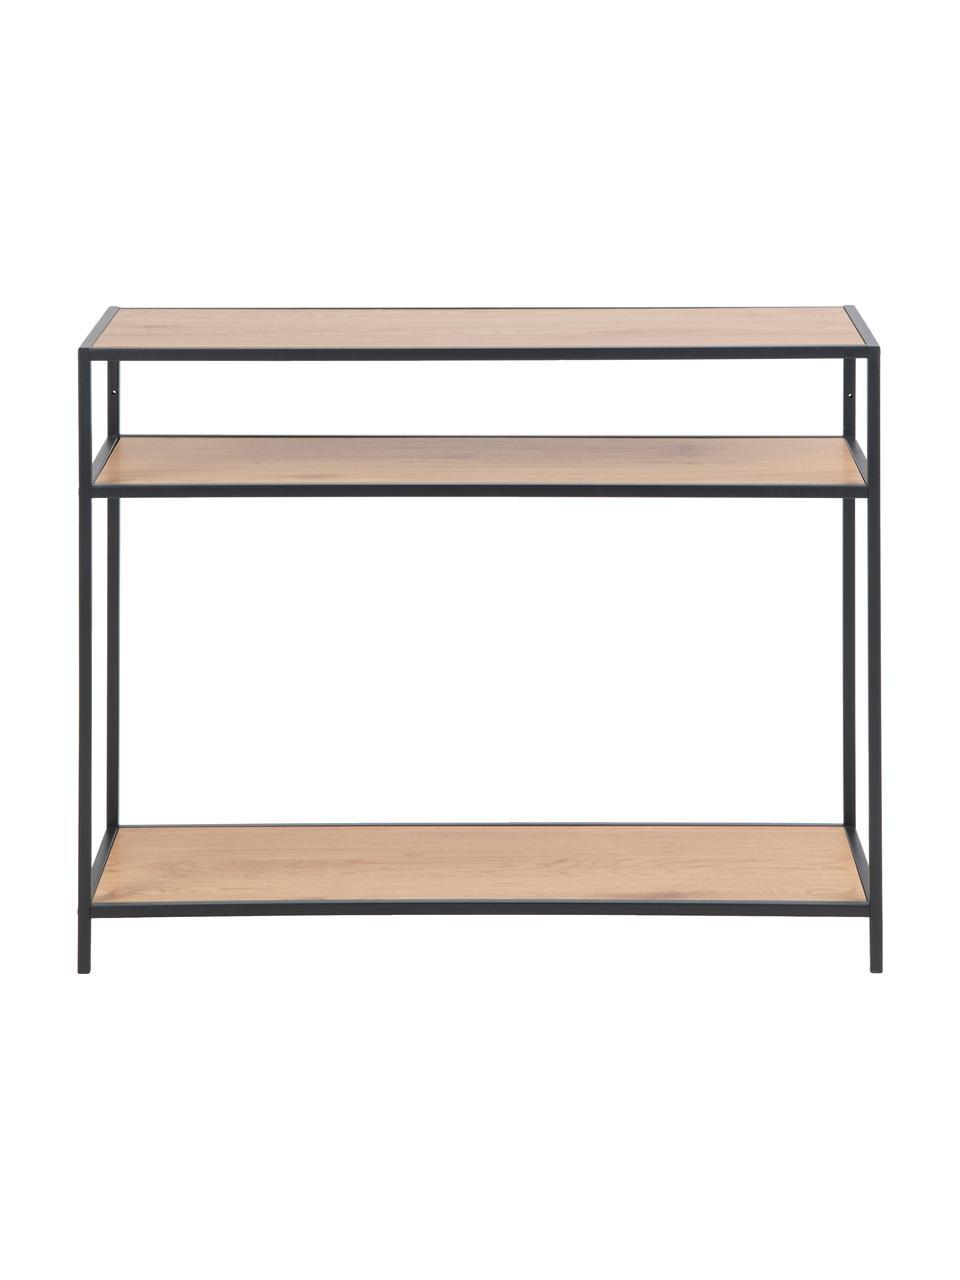 Konsola z drewna i metalu Seaford, Stelaż: metal lakierowany proszko, Czarny, drewno dzikiego dębu, S 100 x G 35 cm